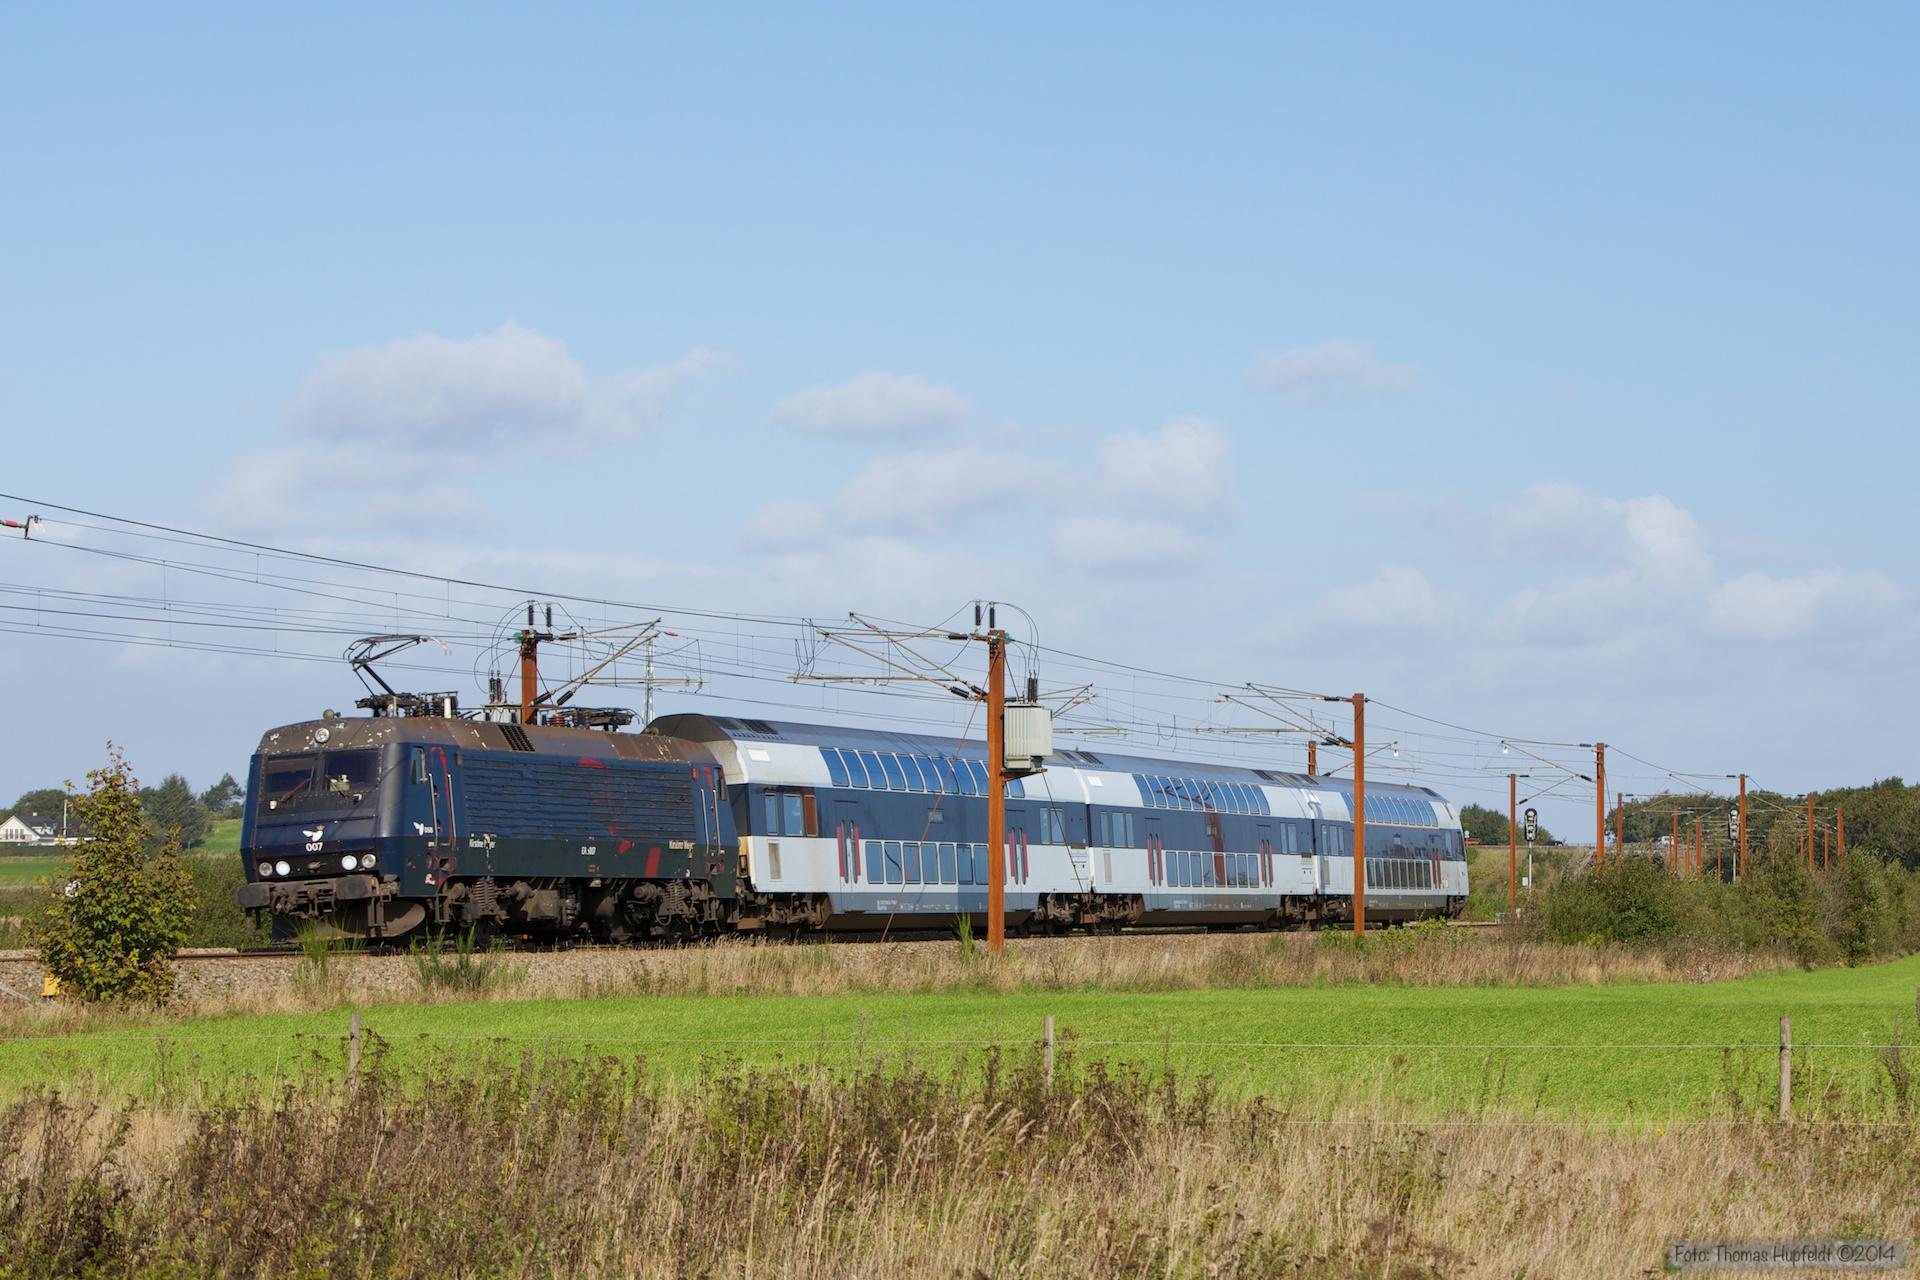 DSB EA 3007 med B 7745, B7754 og ABs 7922 som M 306928 (Rq-Oj) mellem Vojens og Rødekro - 27.09.2014